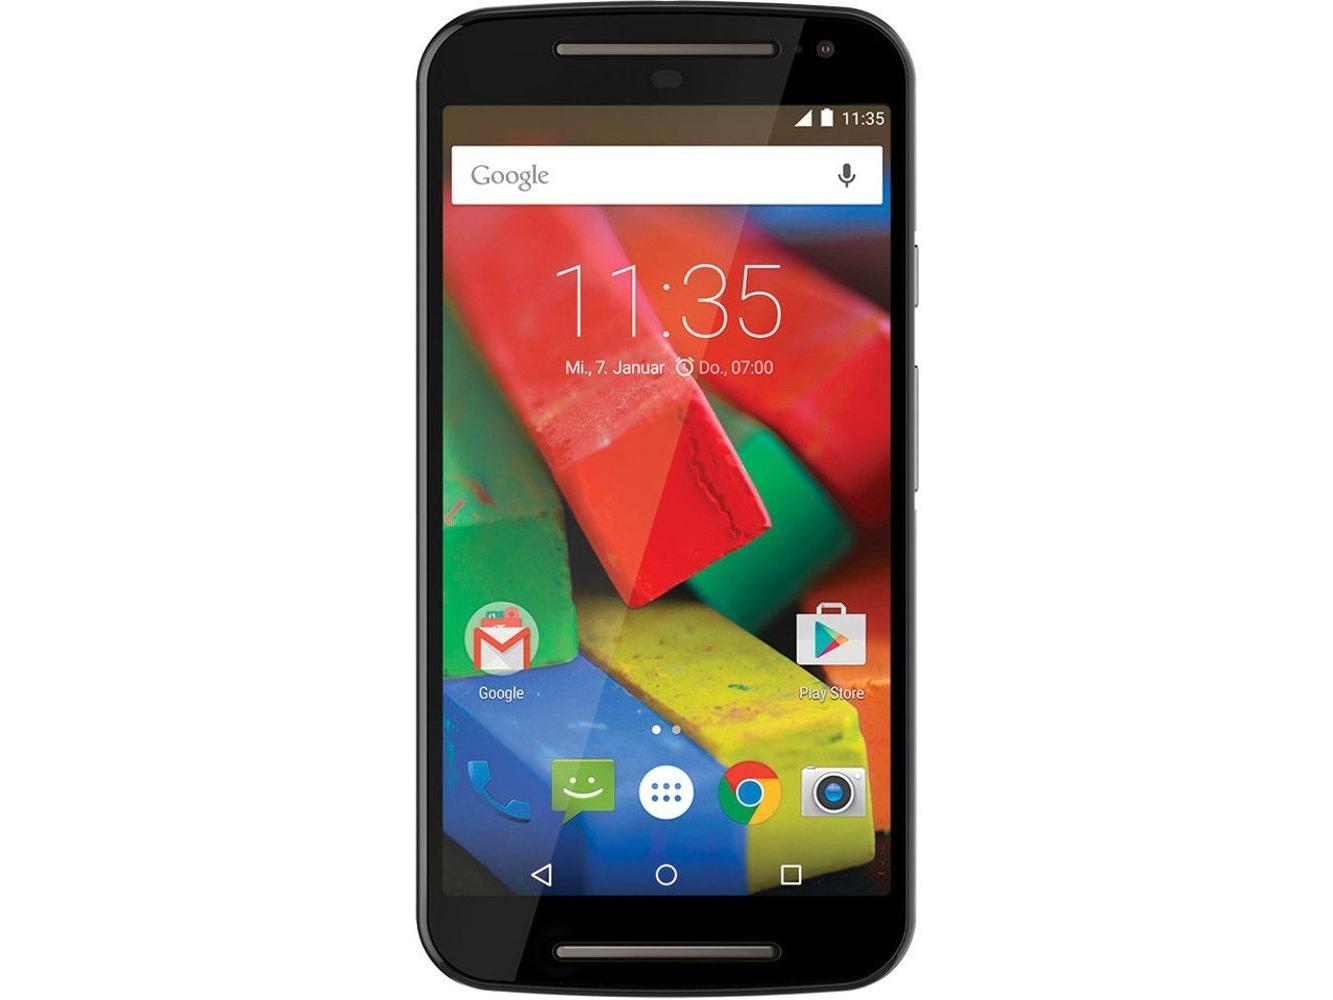 Motorola Moto G 2 Gen 4G